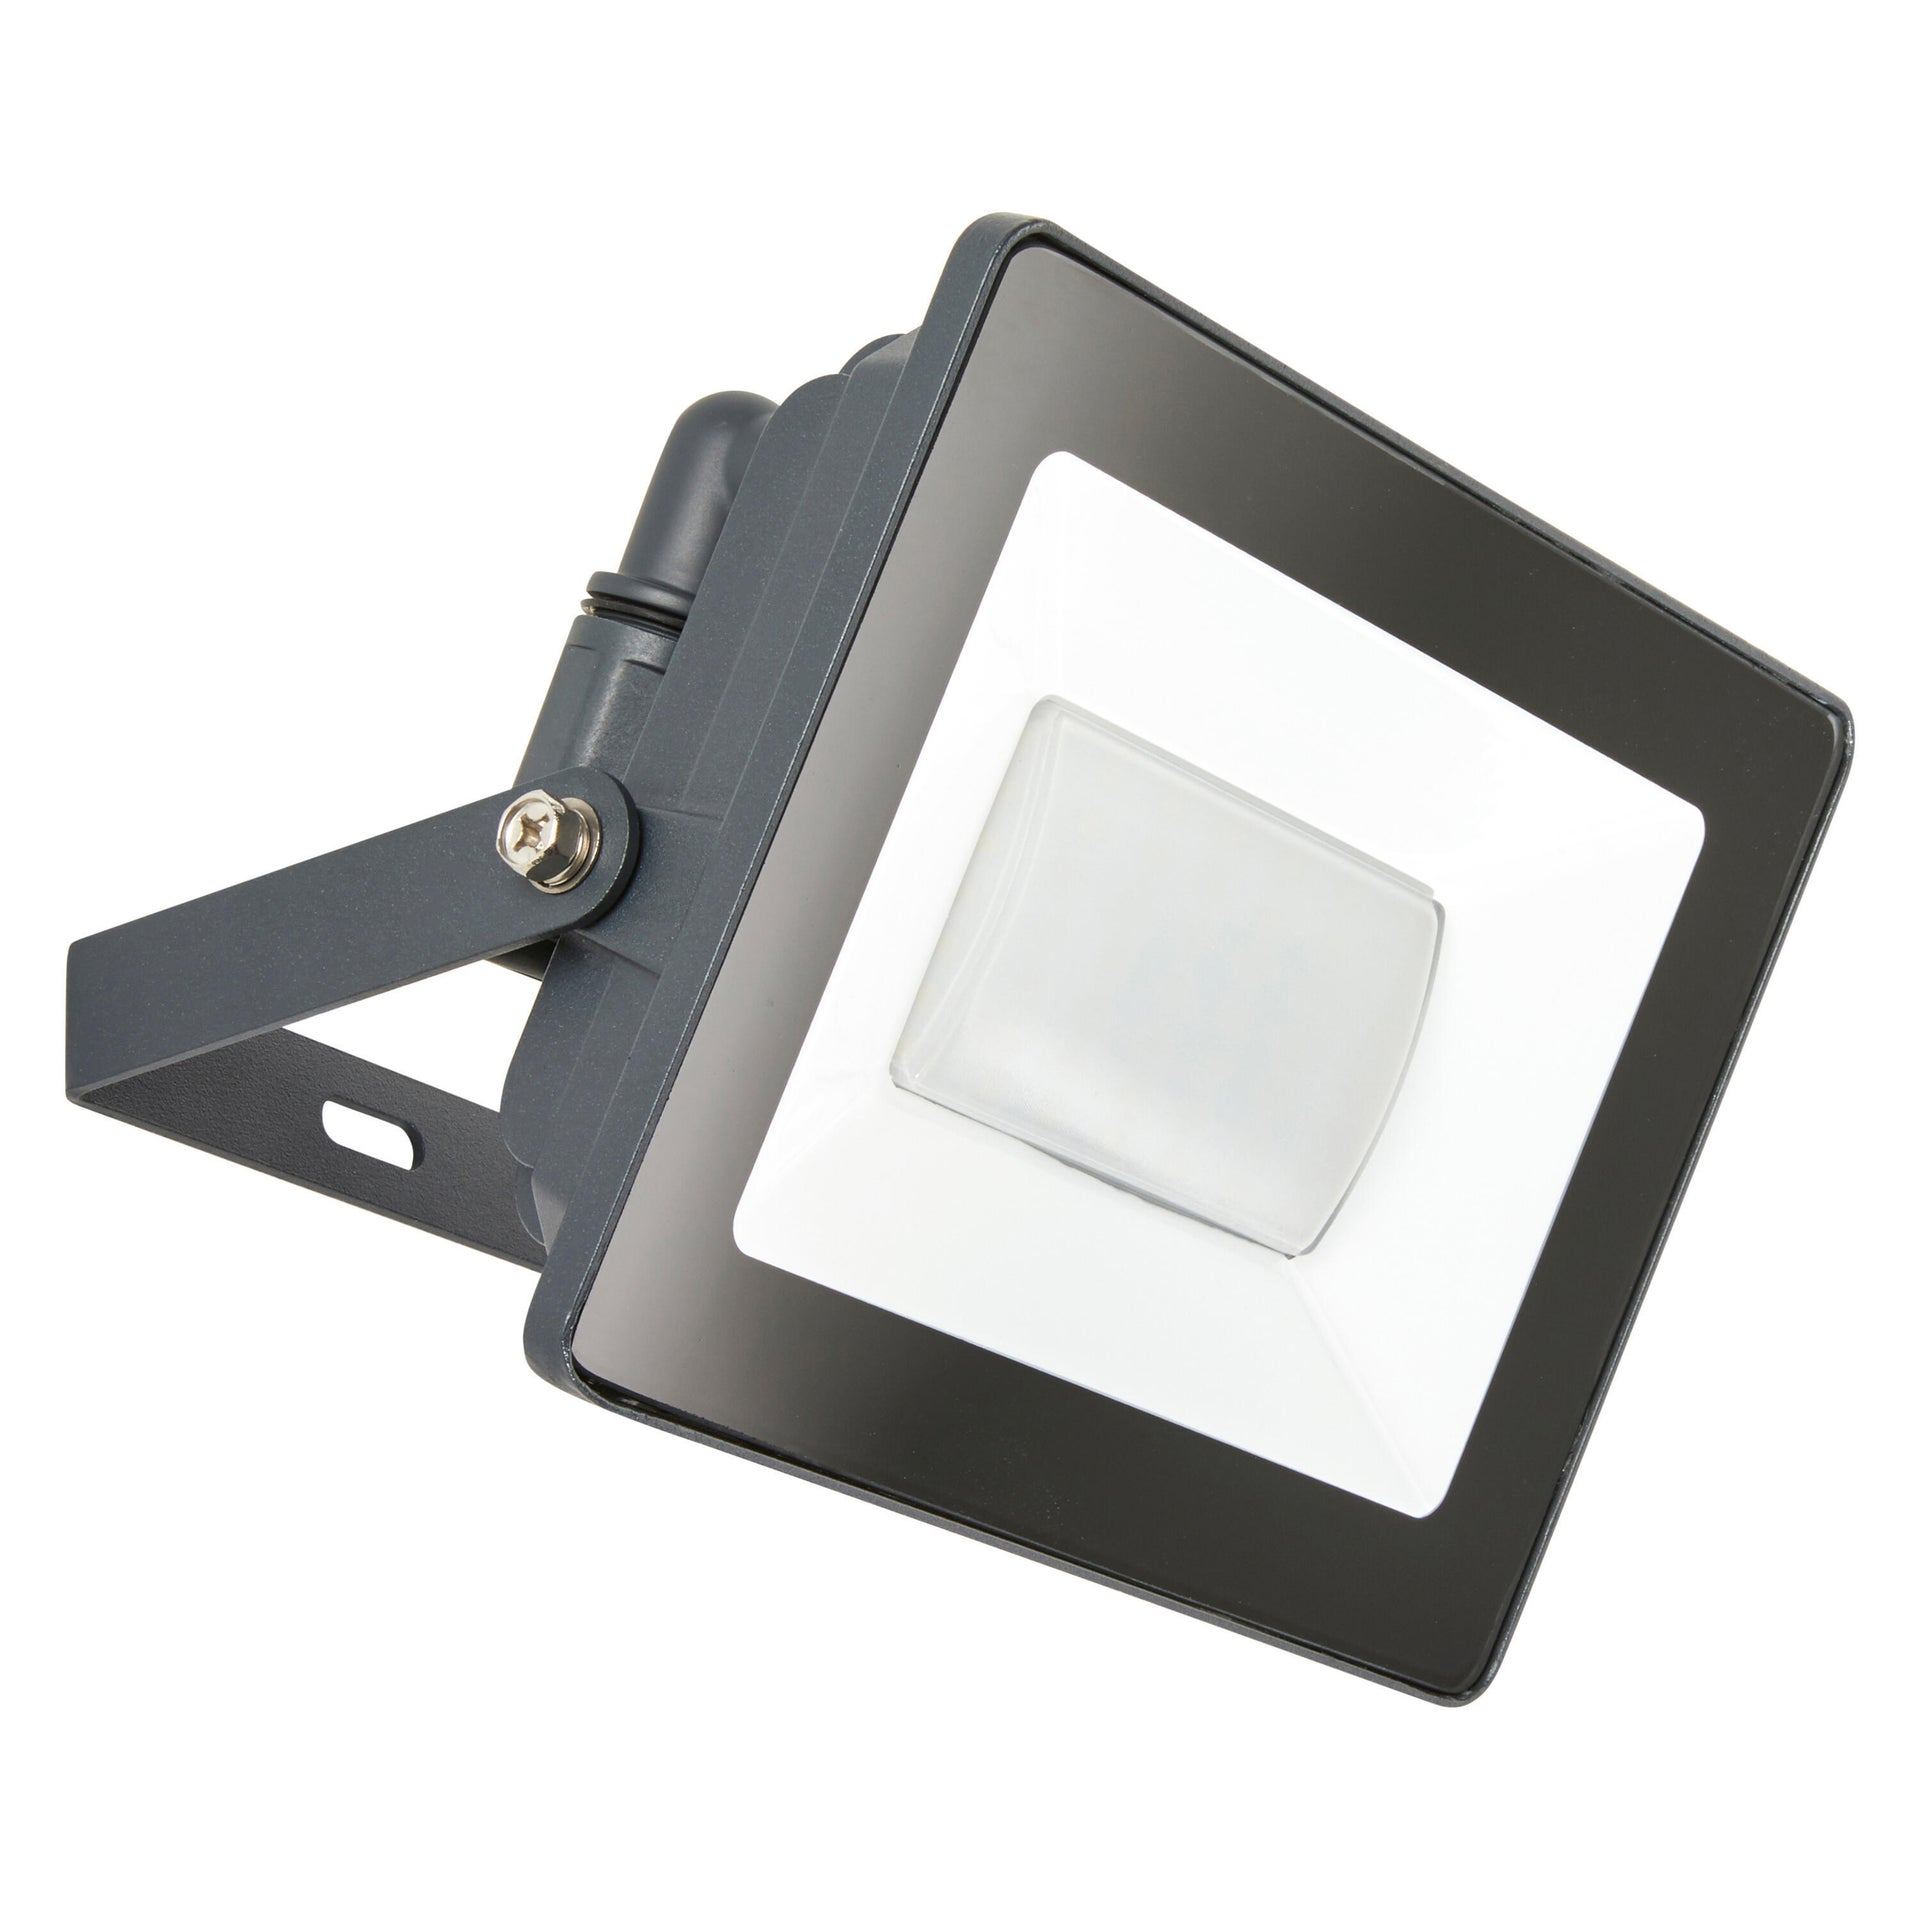 Proiettore LED integrato Yonkers in alluminio, antracite, 50W IP65 INSPIRE - 6